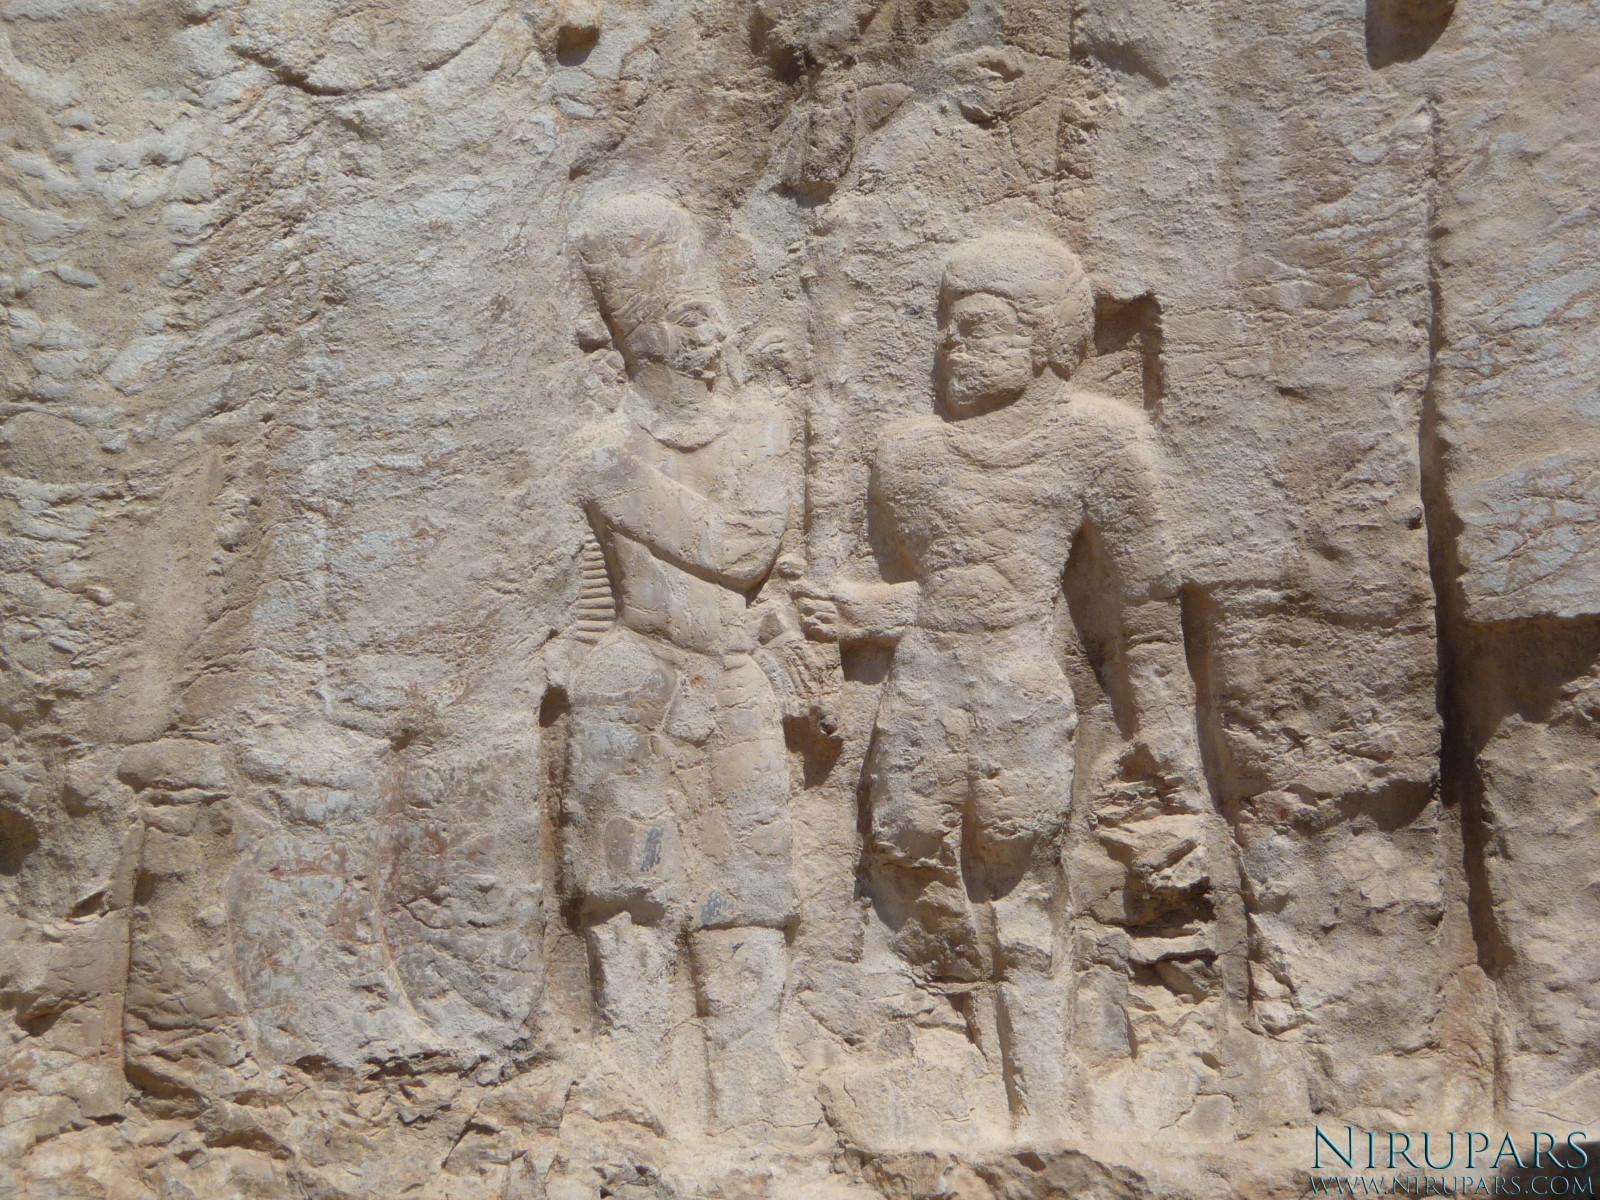 Naqsh-e Rajab - Princes